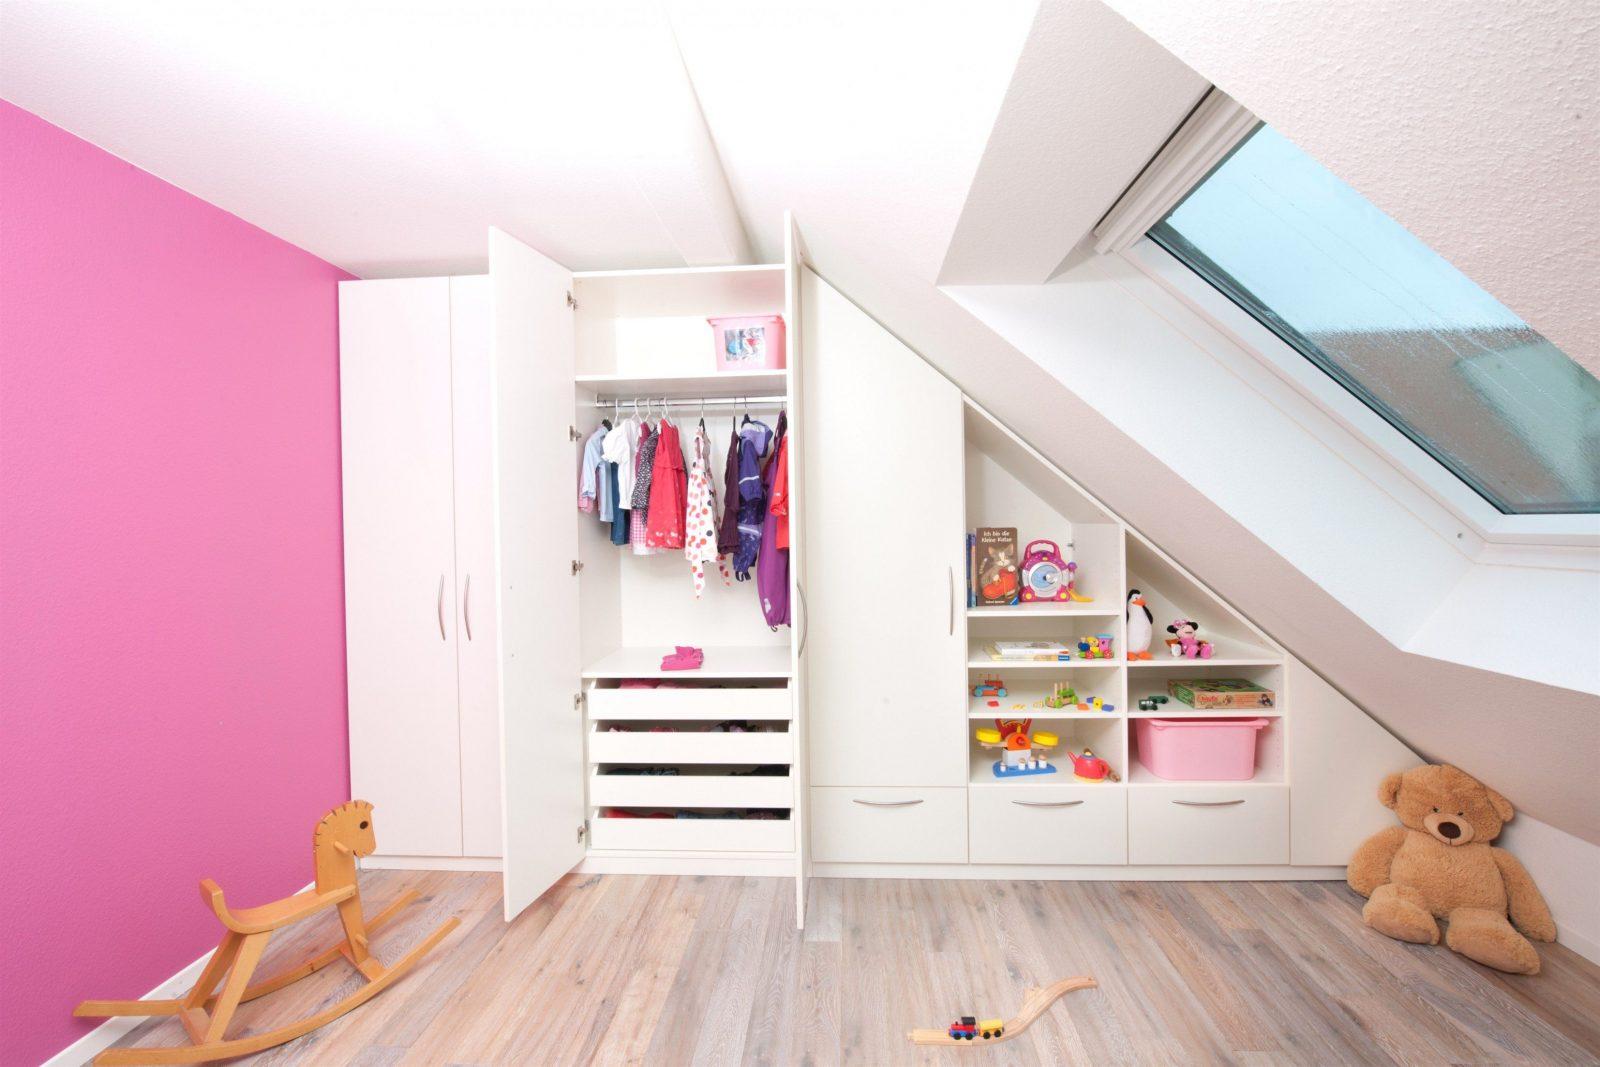 Kinderzimmer Mit Dachschräge Für Mädchen Youtube 2 Und Maxresdefault von Kinderzimmer Mit Dachschräge Gestalten Bild